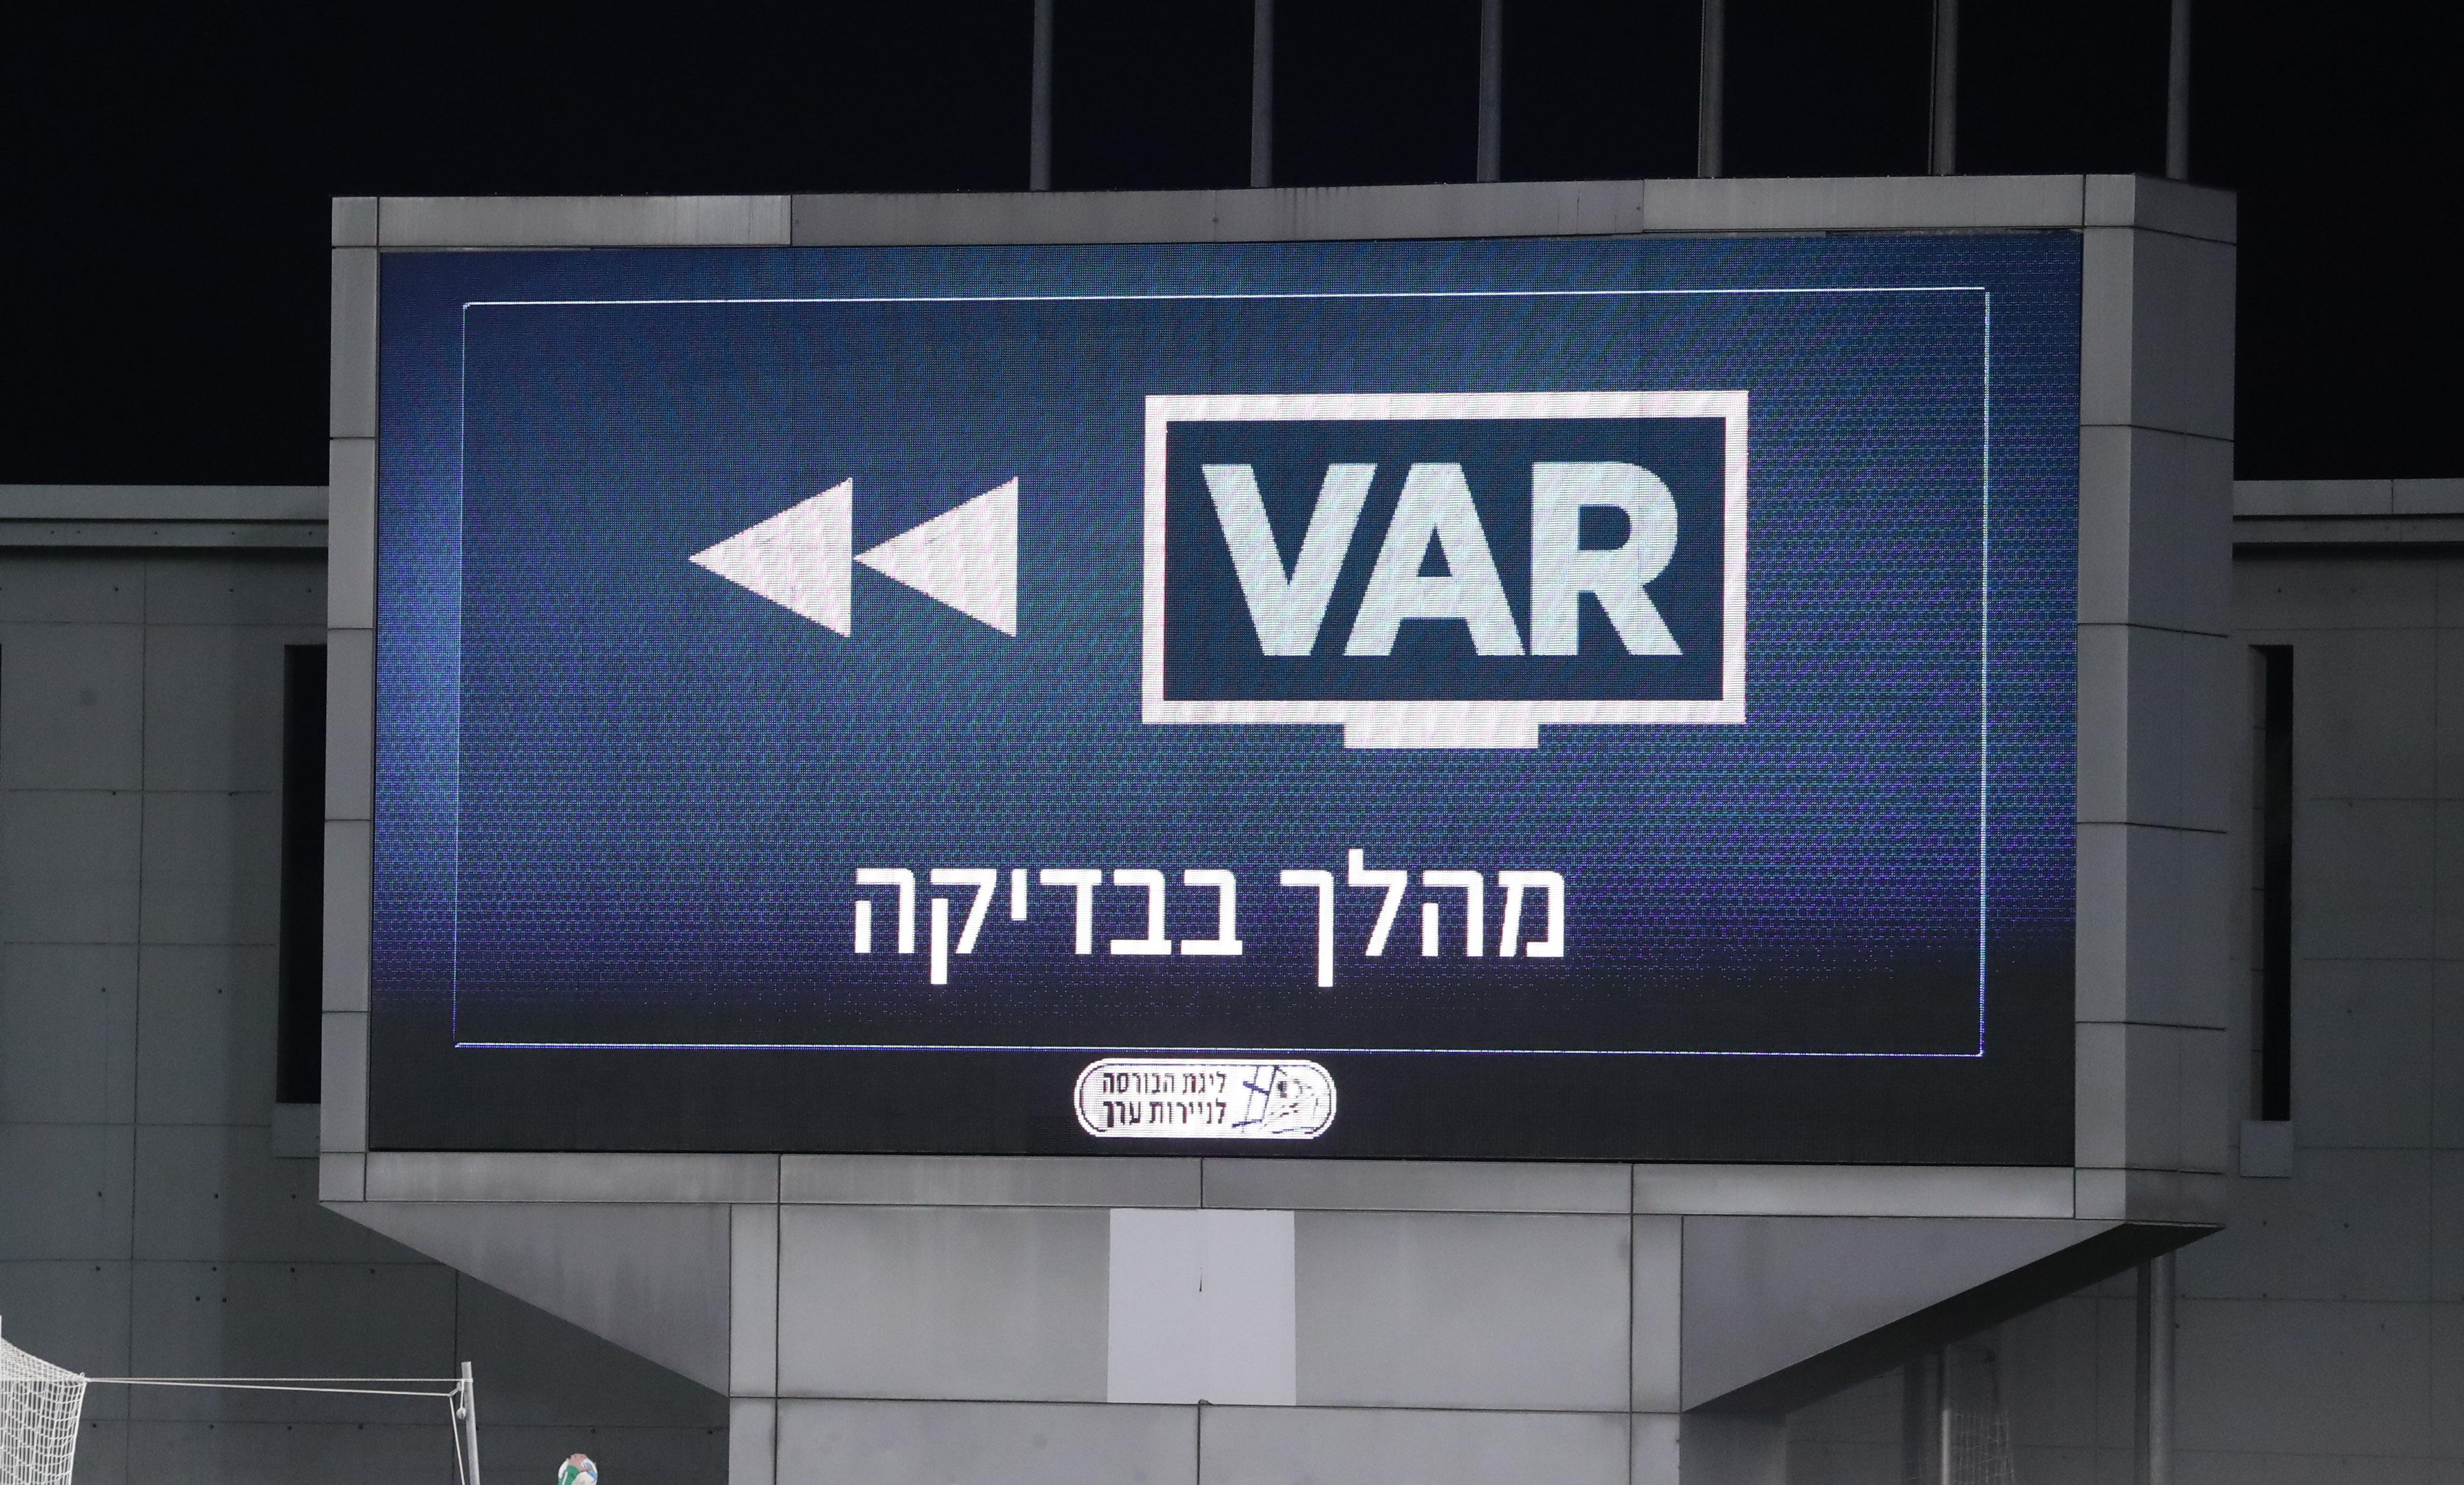 בדיקת VAR